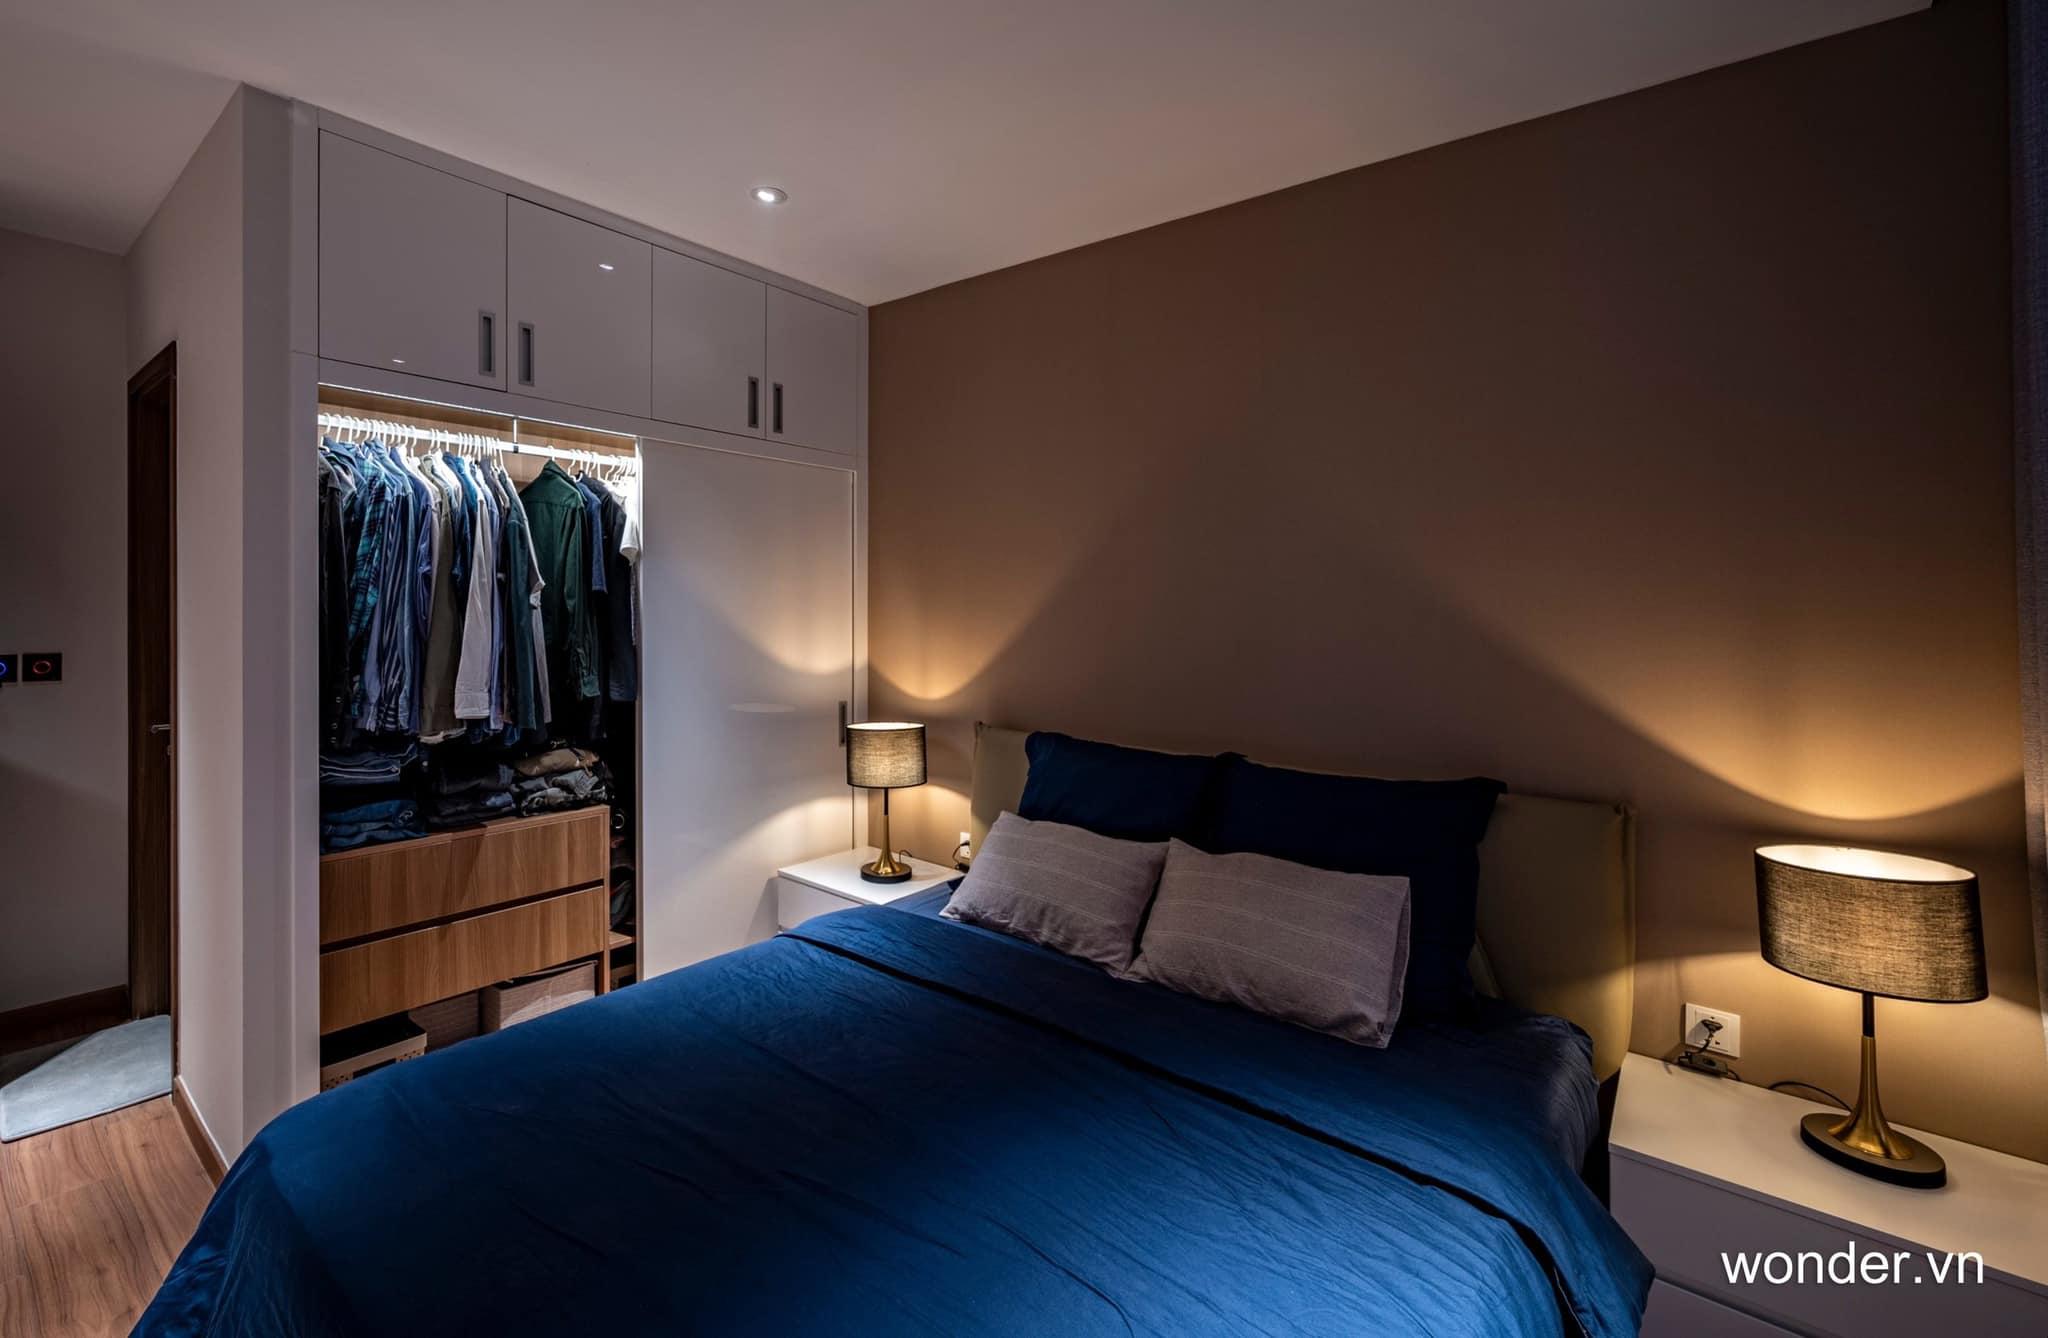 Có thể là hình ảnh về phòng ngủ và văn bản cho biết 'wonder.vn'